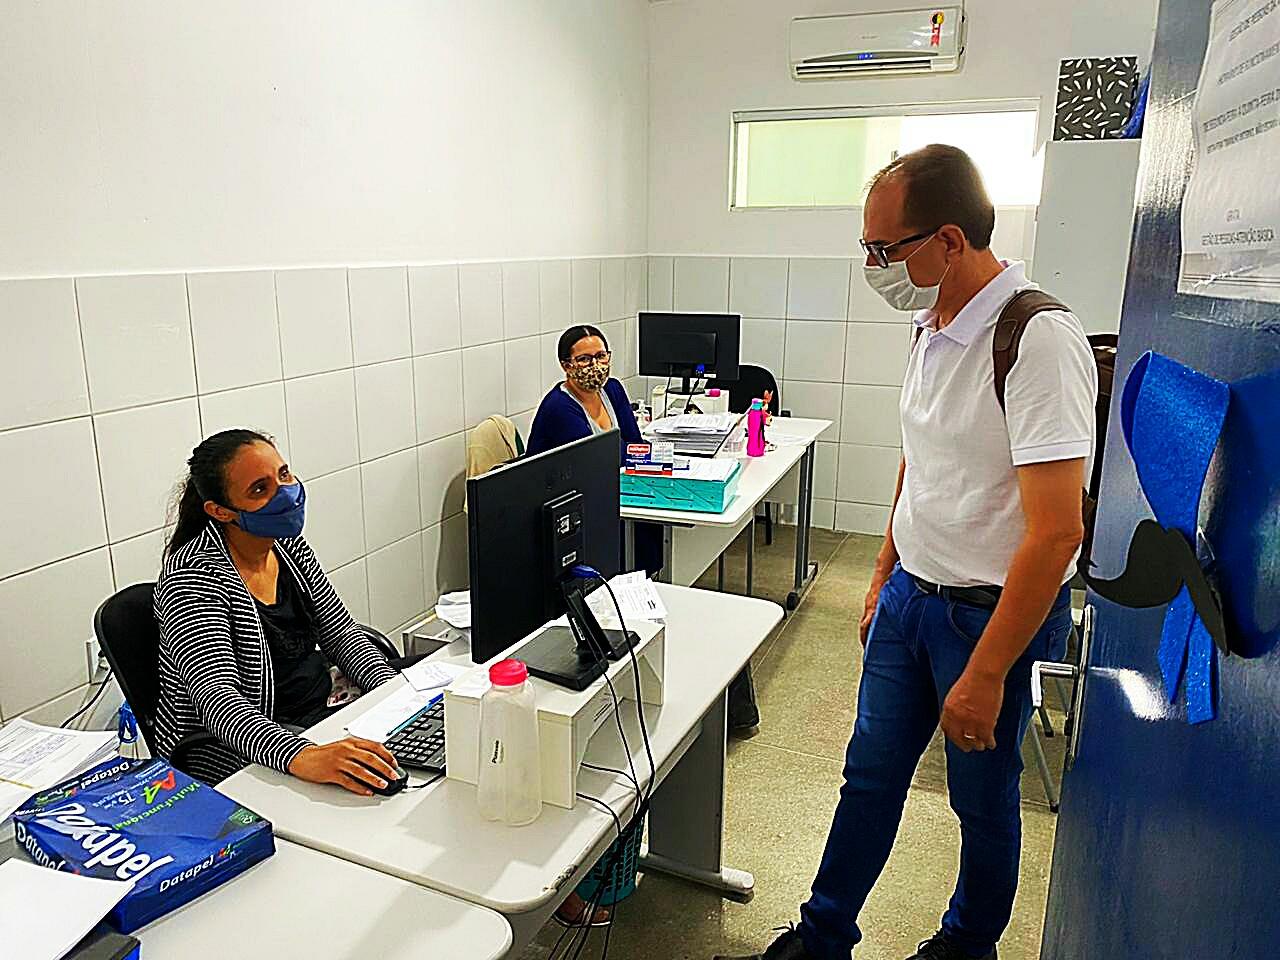 EUNÁPOLIS: Equipe de Transição do novo governo conclui visitas a Secretarias e elabora plano de ação 18